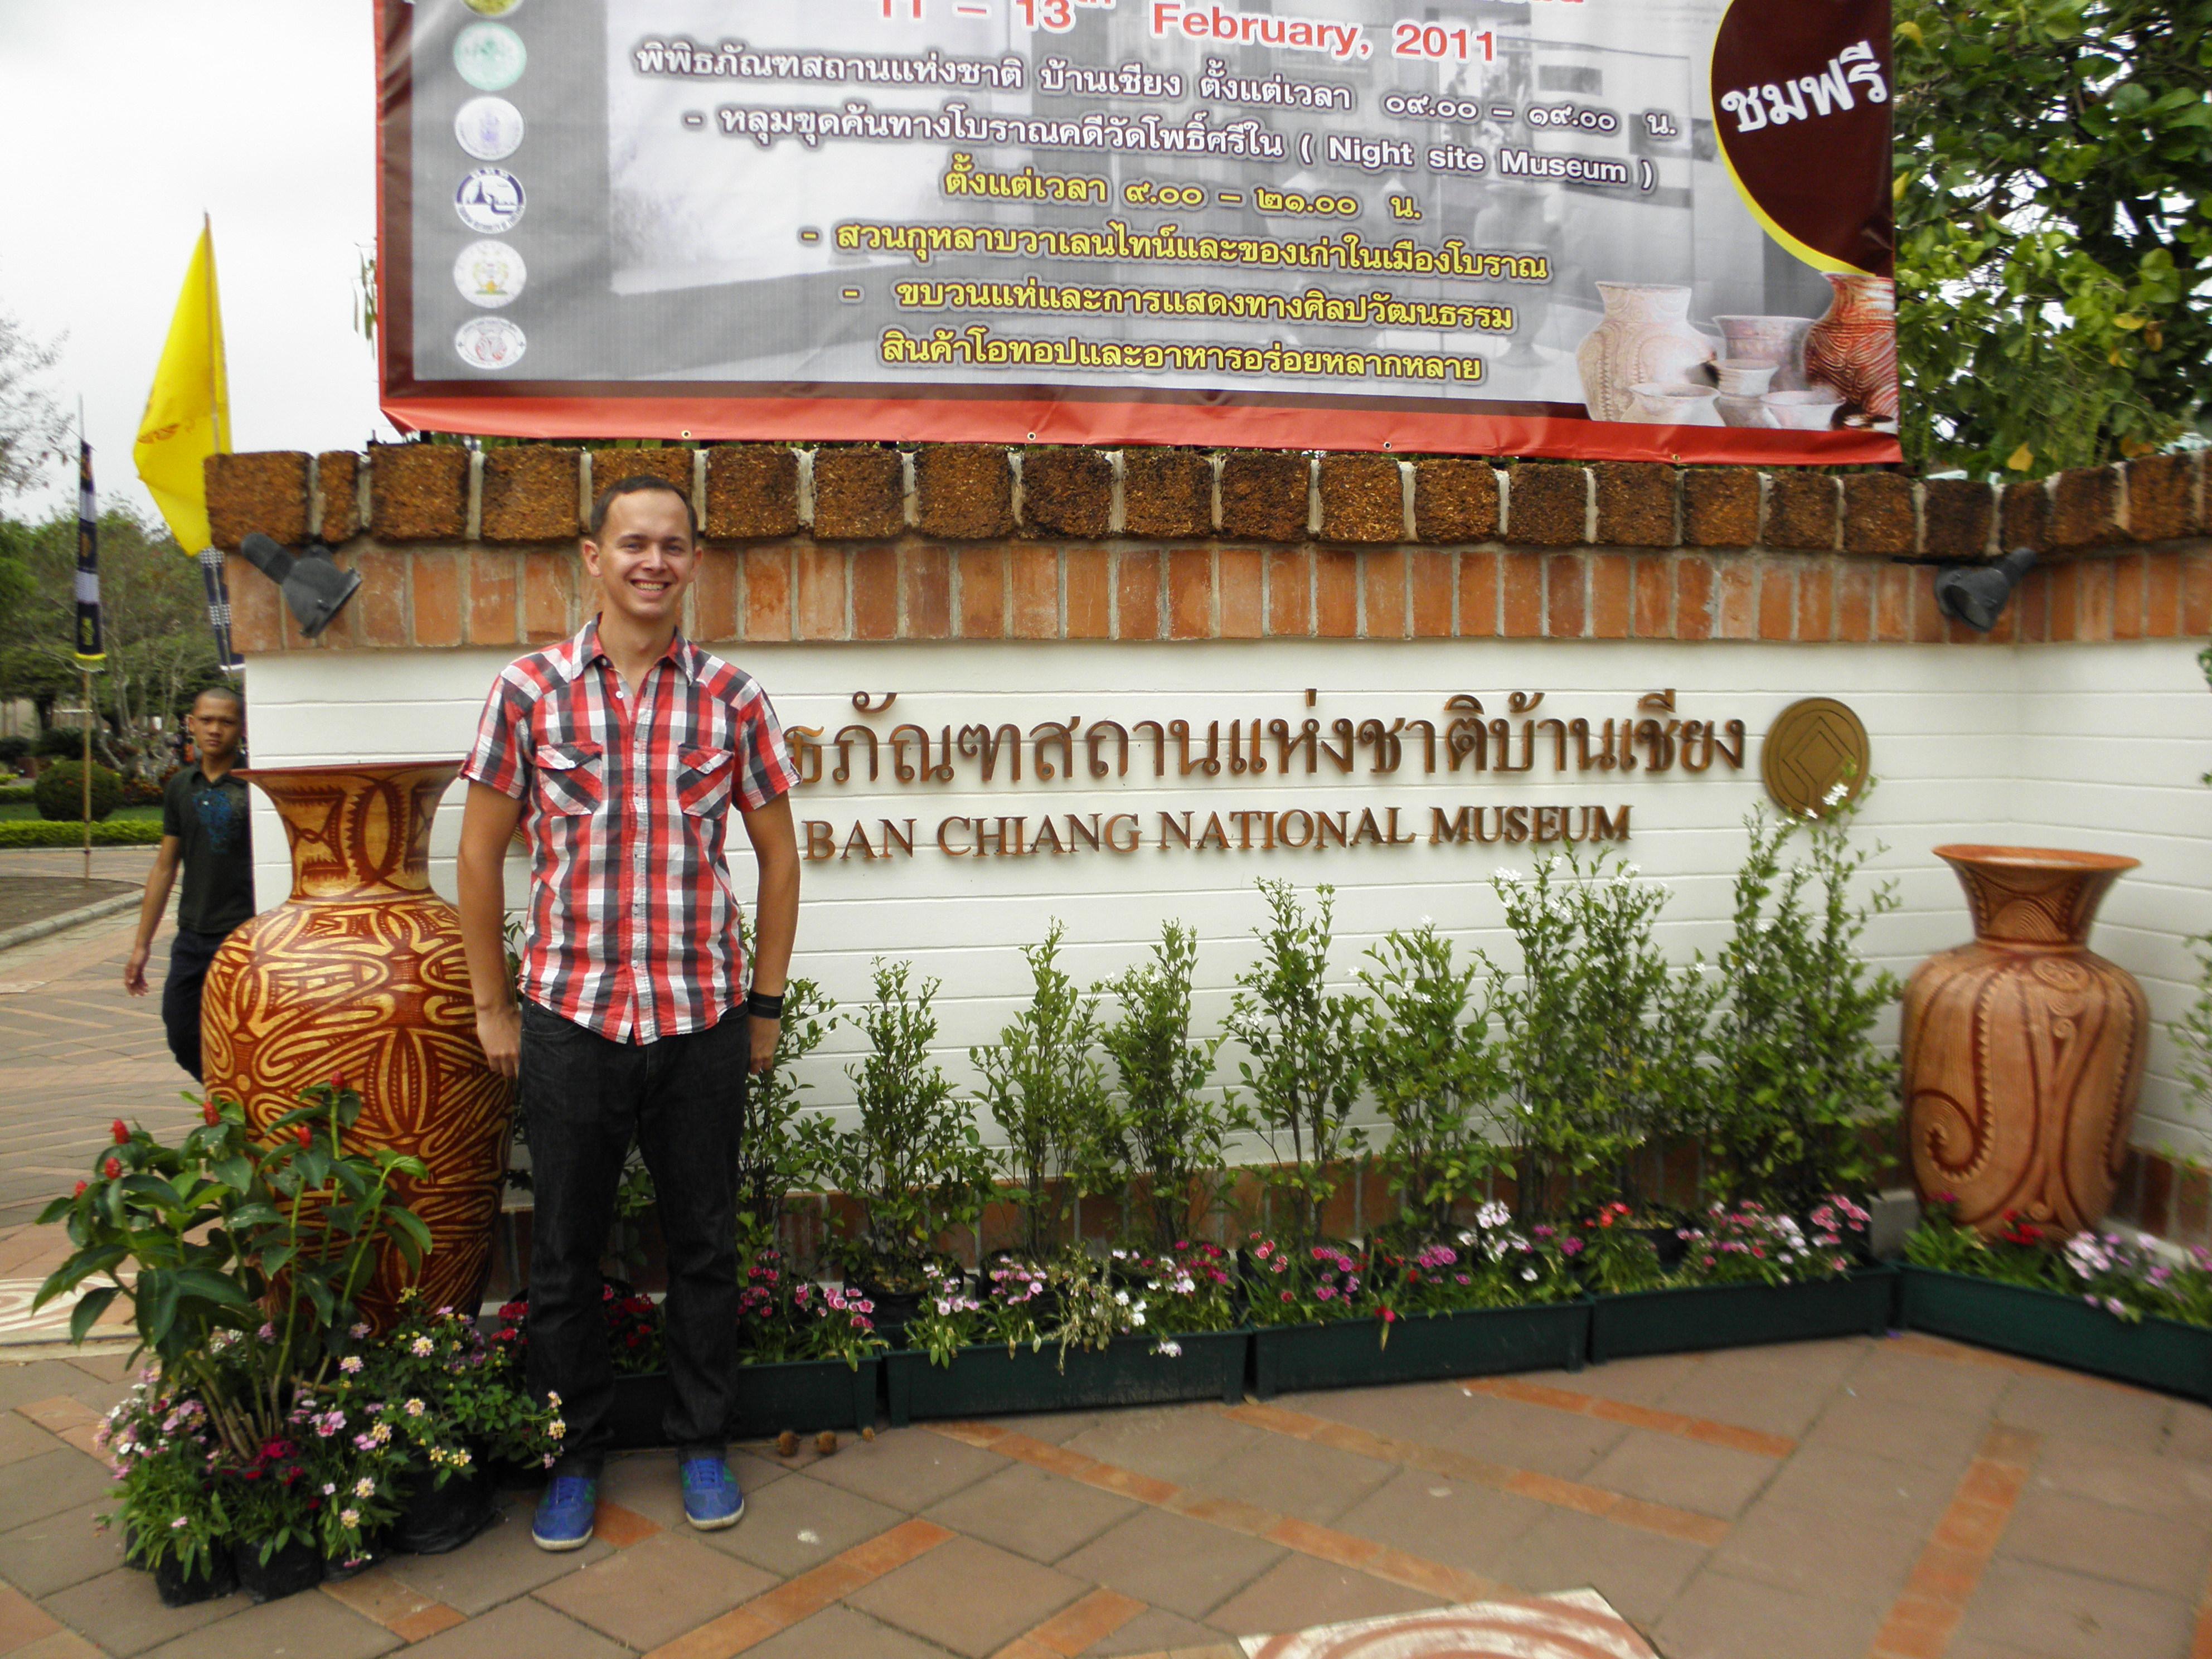 Ban Chiang - World Heritage - Udon Thani